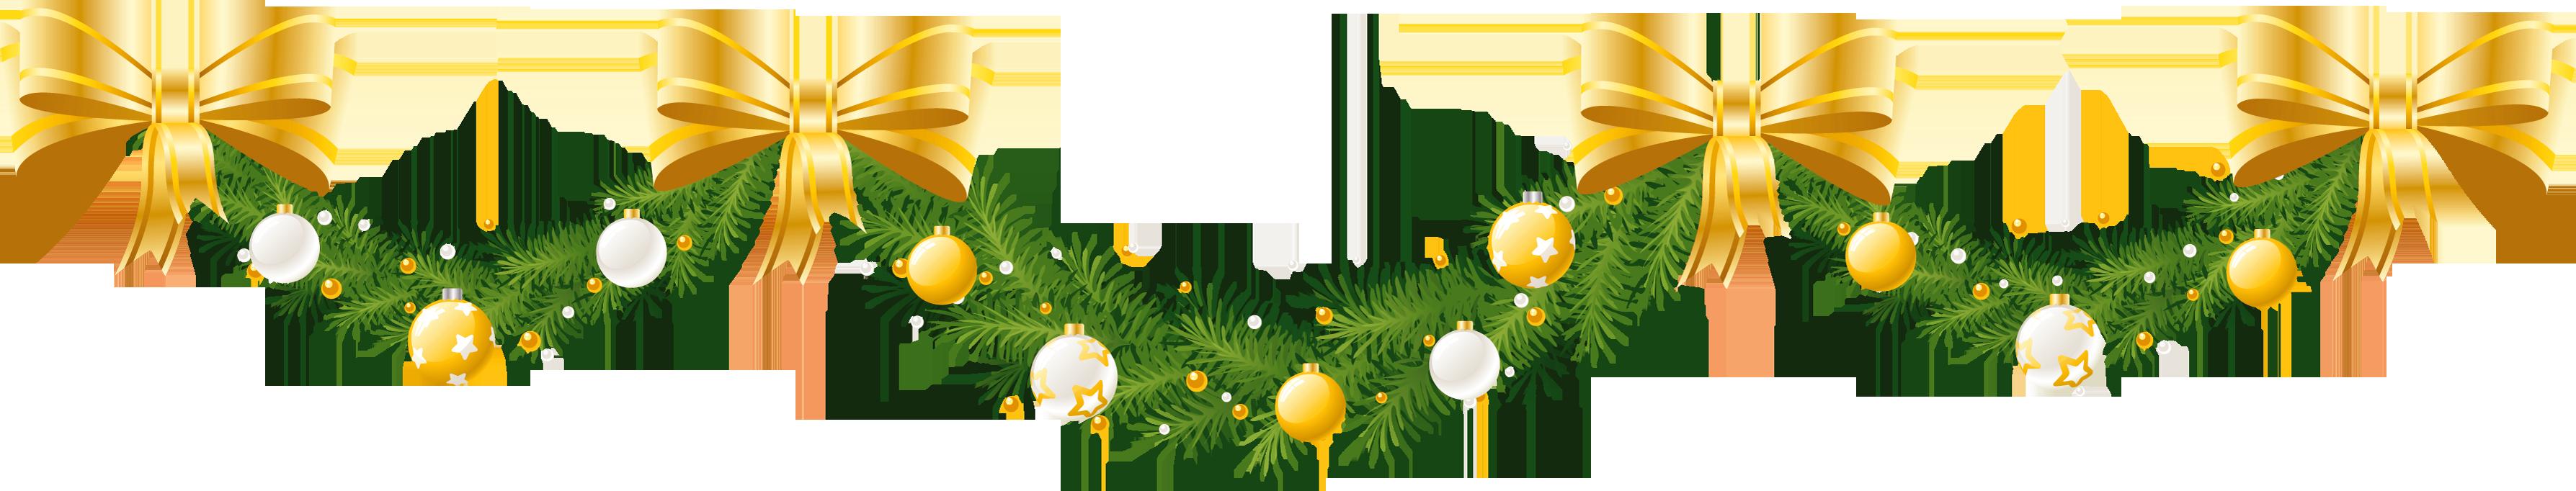 Christmas PNG - 25239